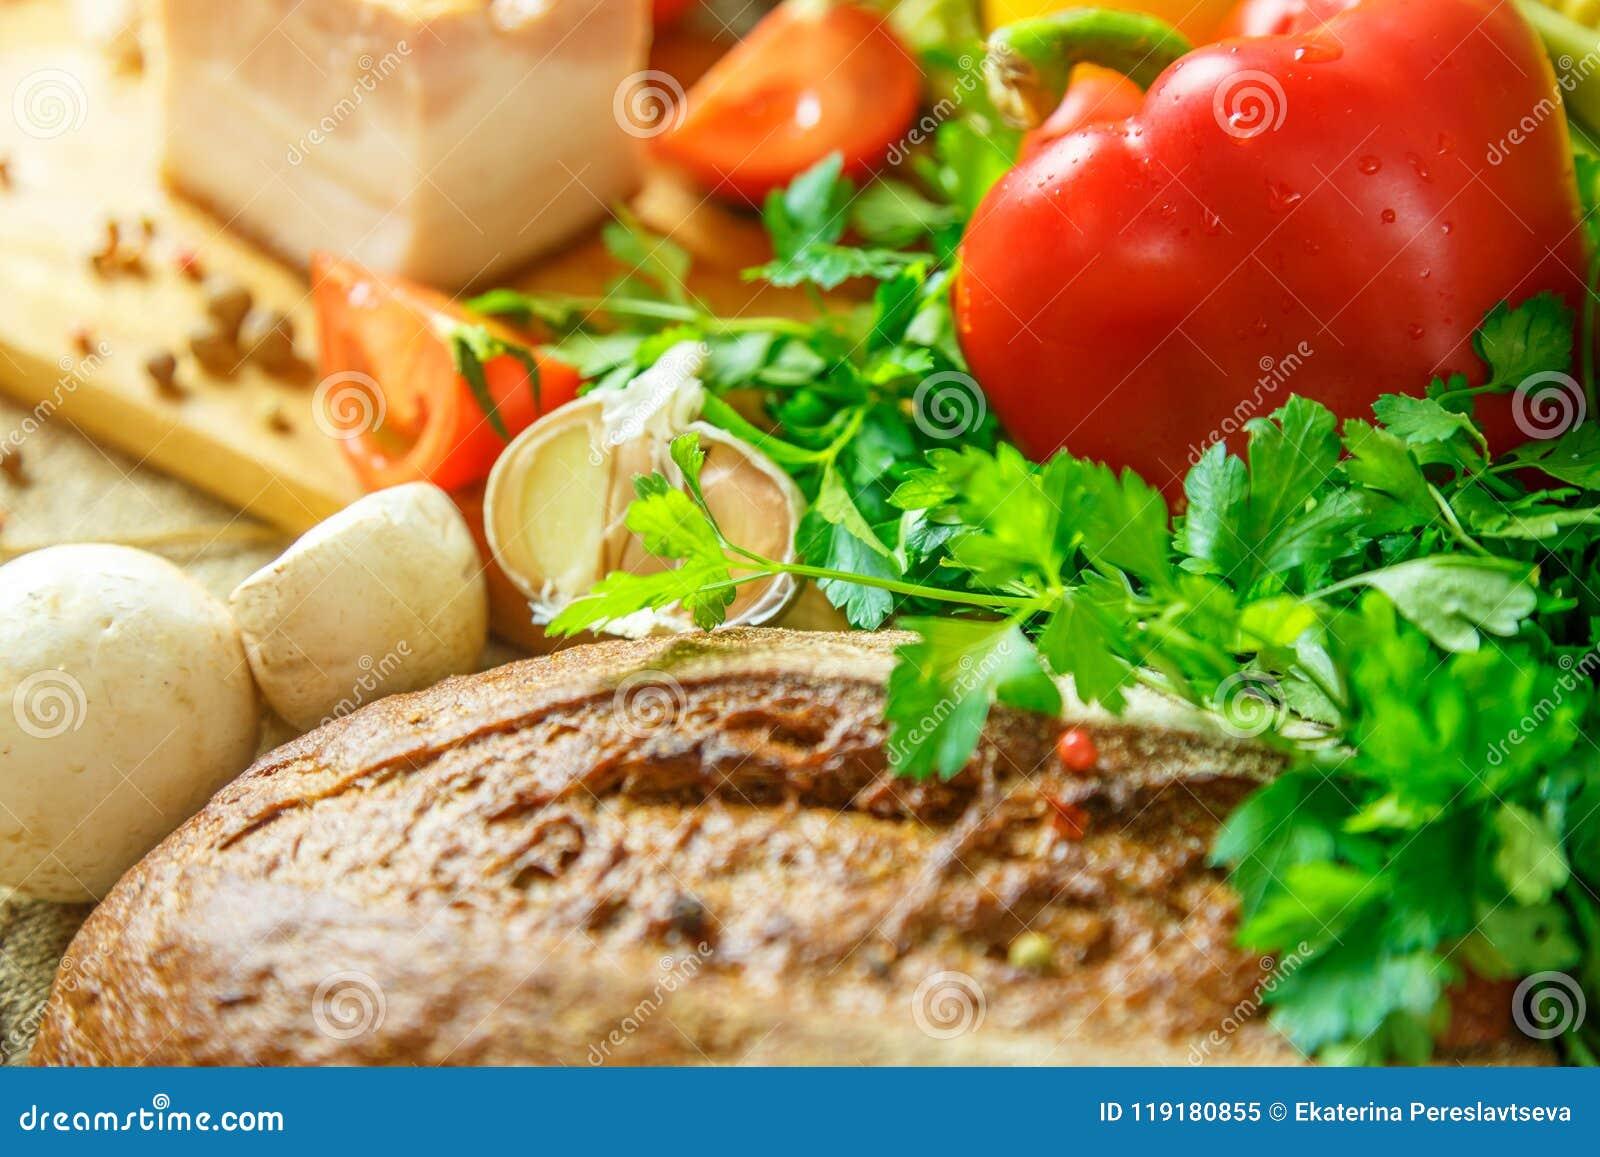 菜、蕃茄、大蒜和草本静物画